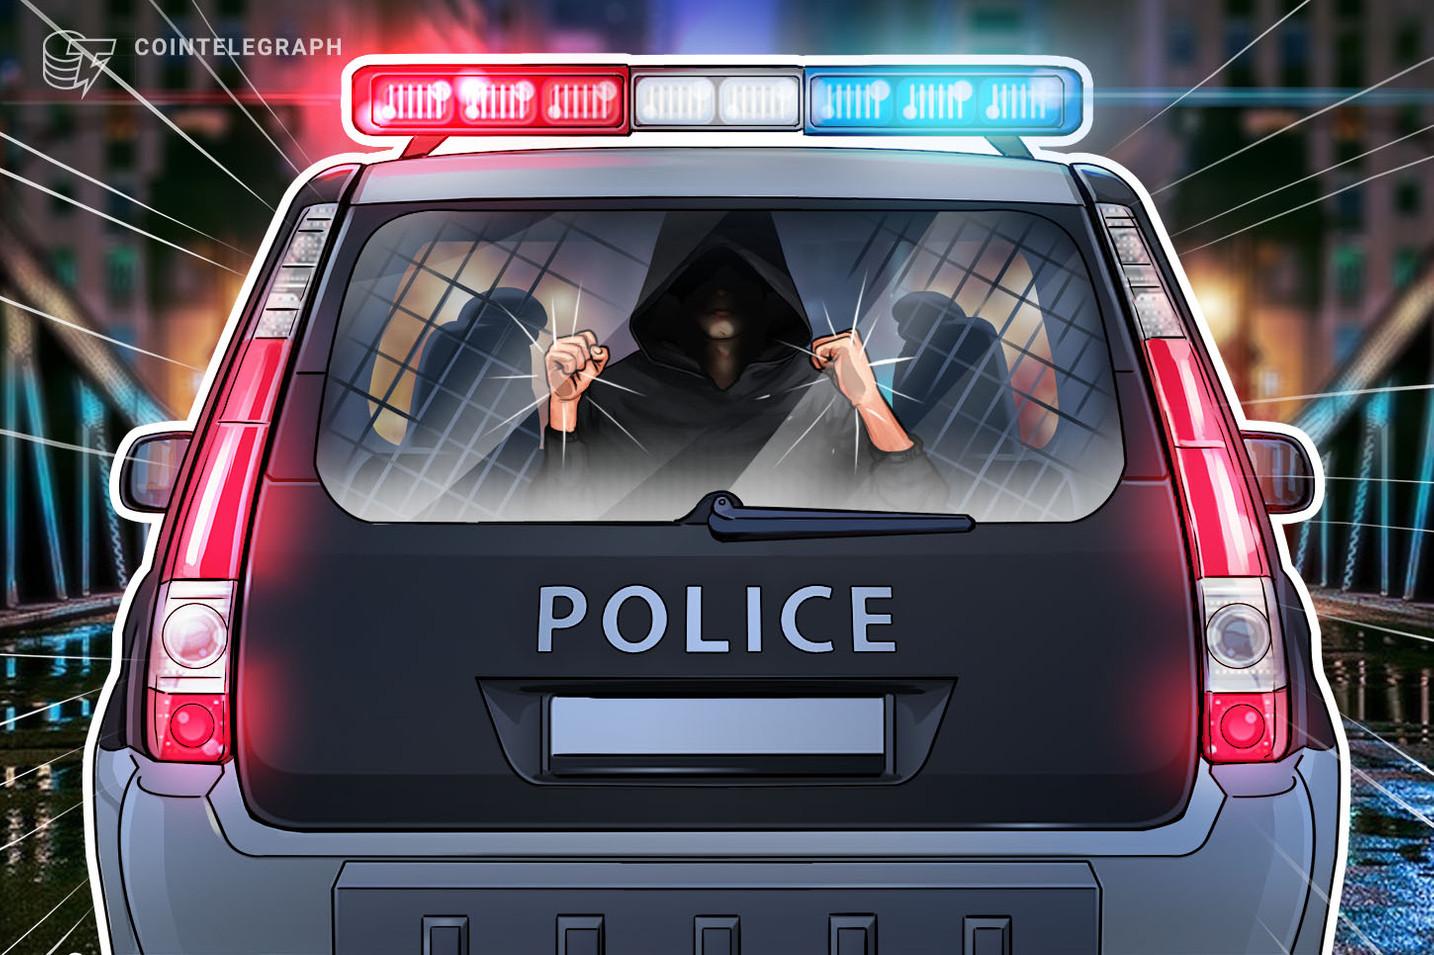 身代金を仮想通貨で要求したサイバー犯罪集団メンバー、米国に引き渡され裁判【ニュース】